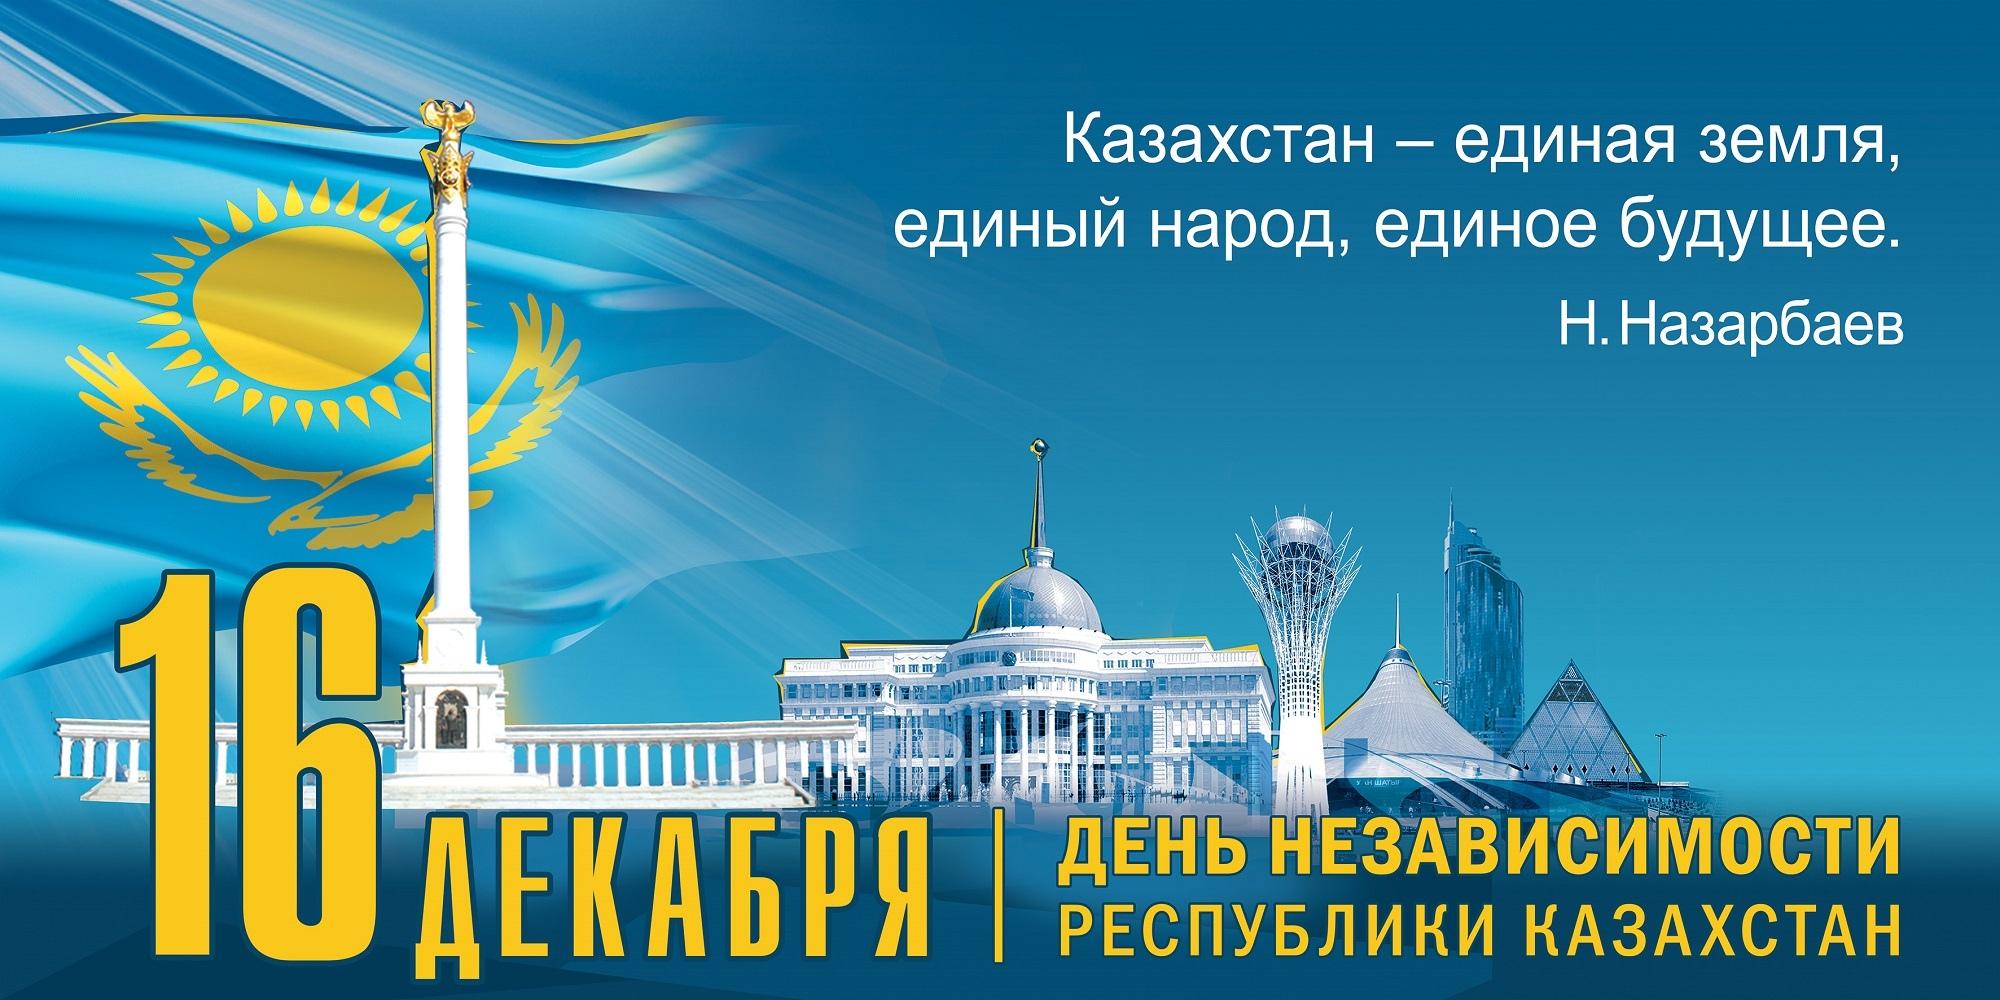 Поздравления и открытки к дню независимости казахстана, осеннее